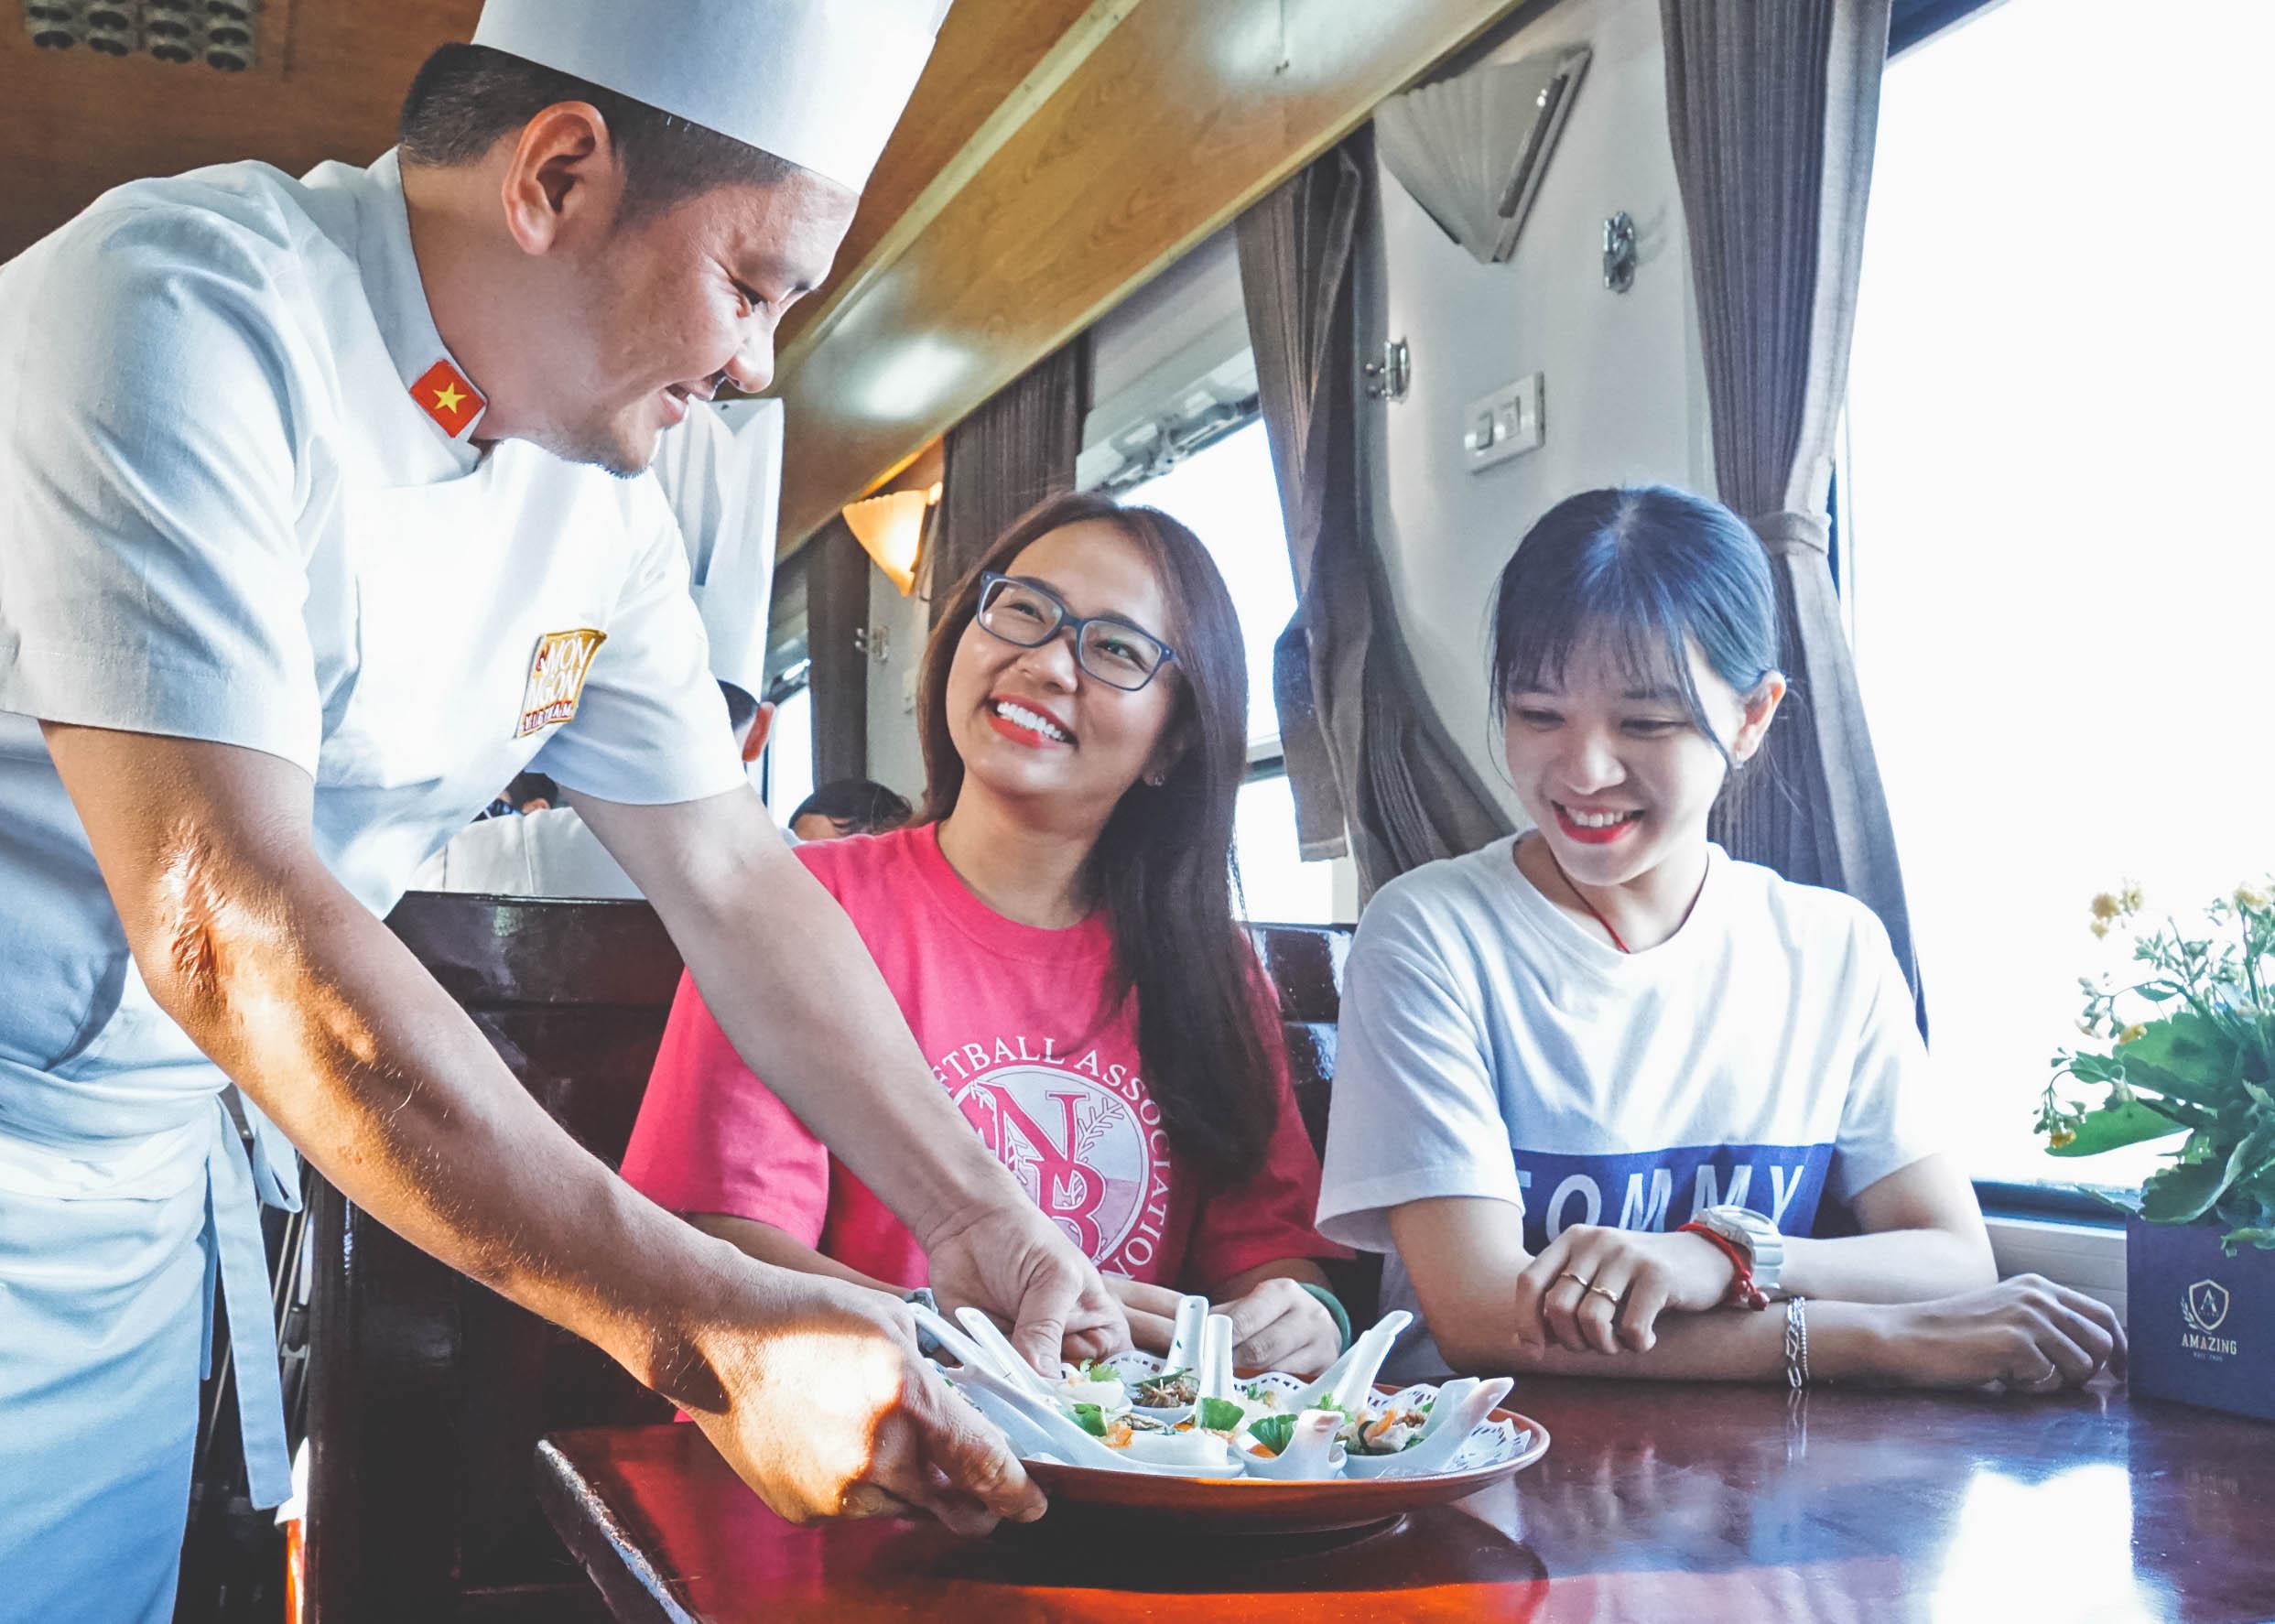 Chưa bao giờ lỗi thời! Du lịch bằng tàu hỏa là lựa chọn yêu thích của nhiều người trẻ ưa xê dịch - Ảnh 3.